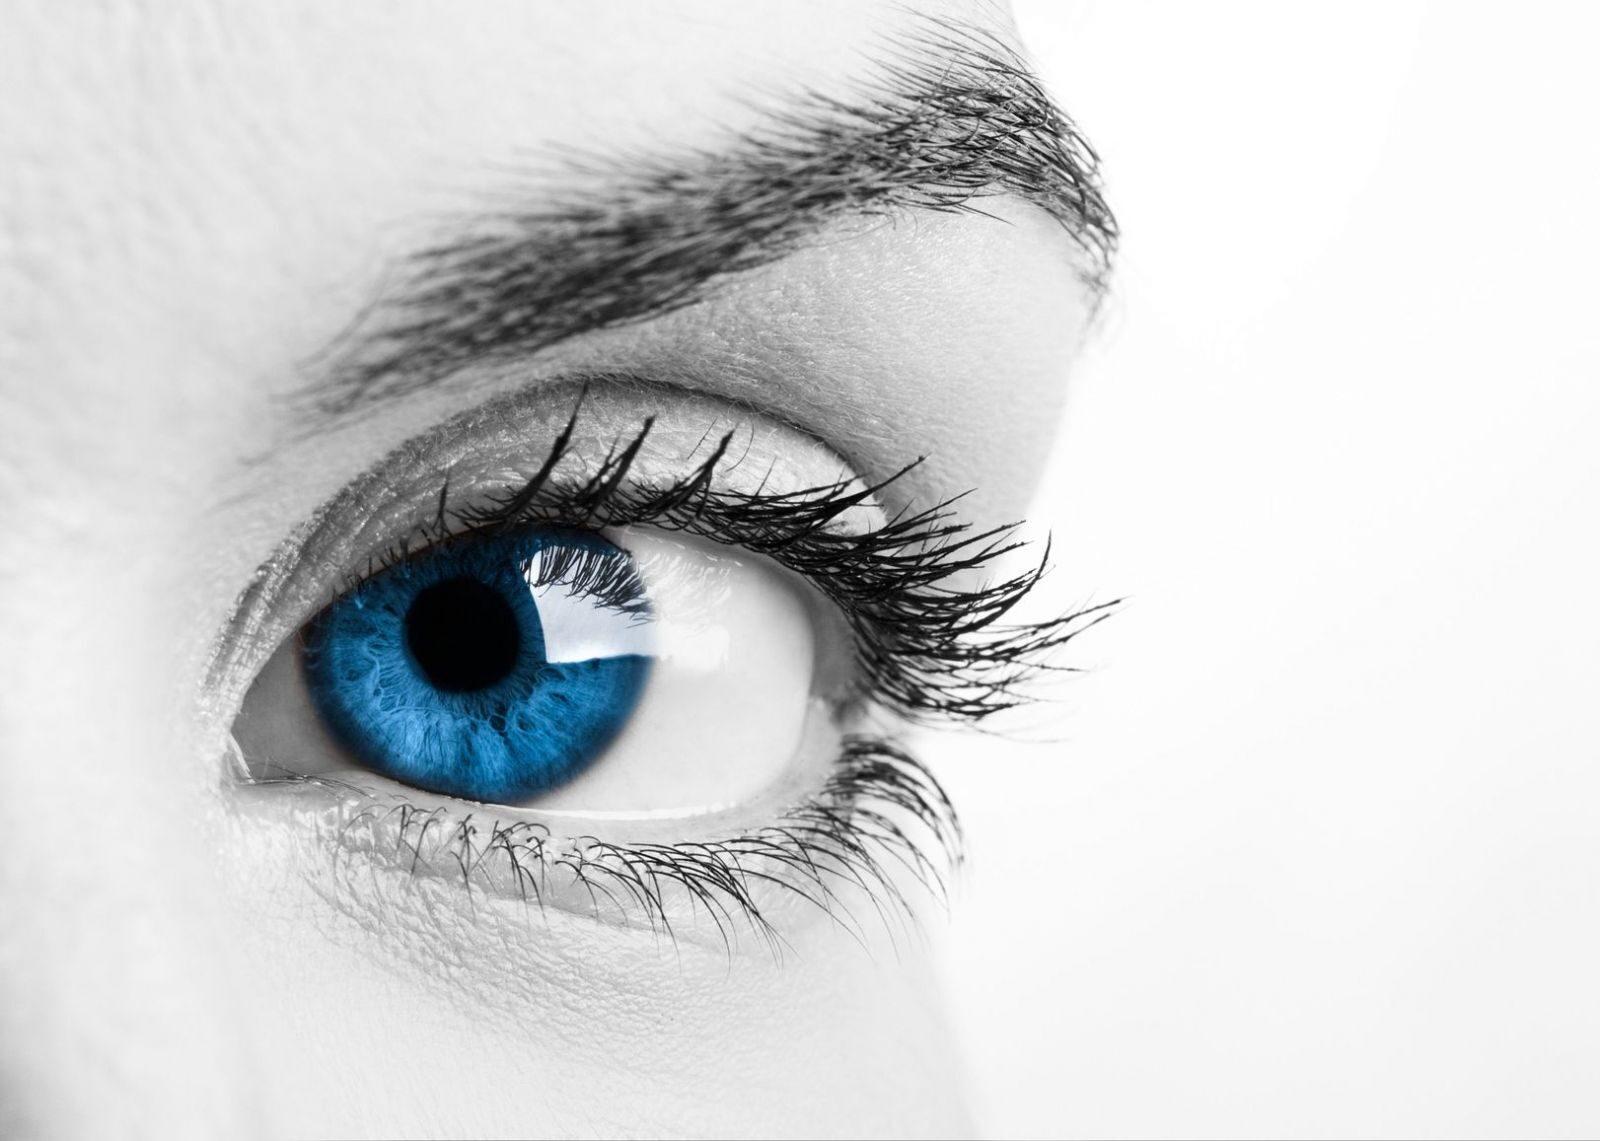 a látás ellenőrzésekor a szemek eltemetve vannak